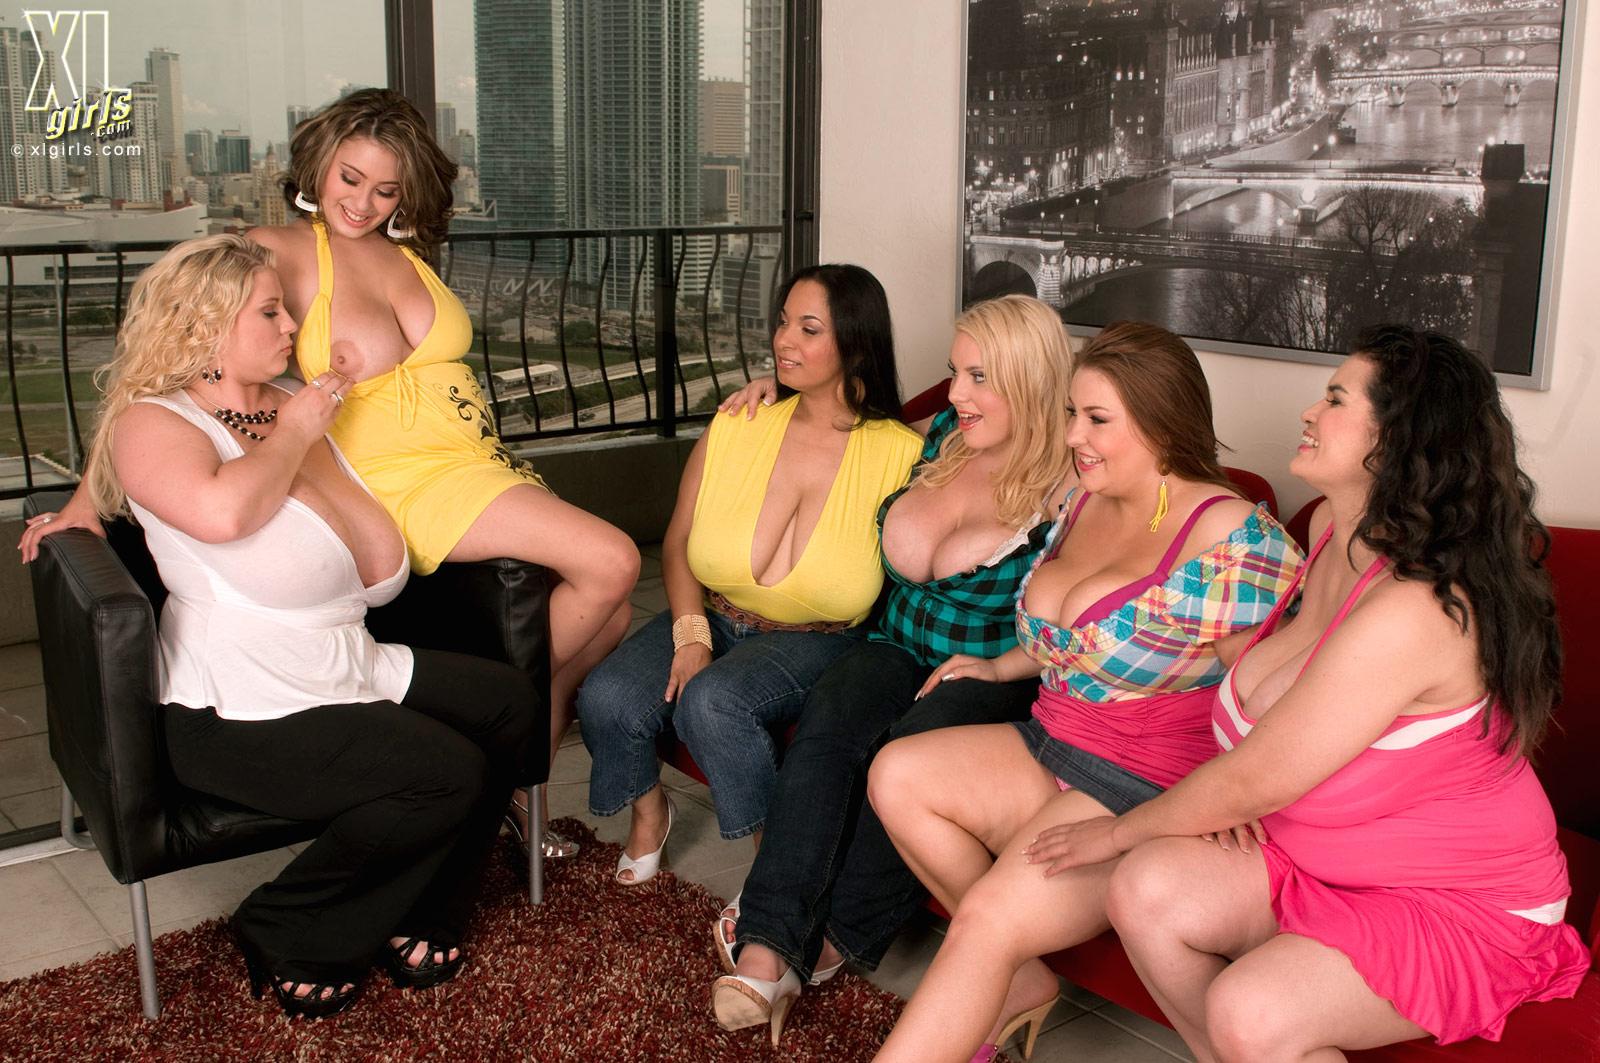 Толстая девочка порно, Порно с толстухами, Секс с толстушками, - Смотреть 3 фотография